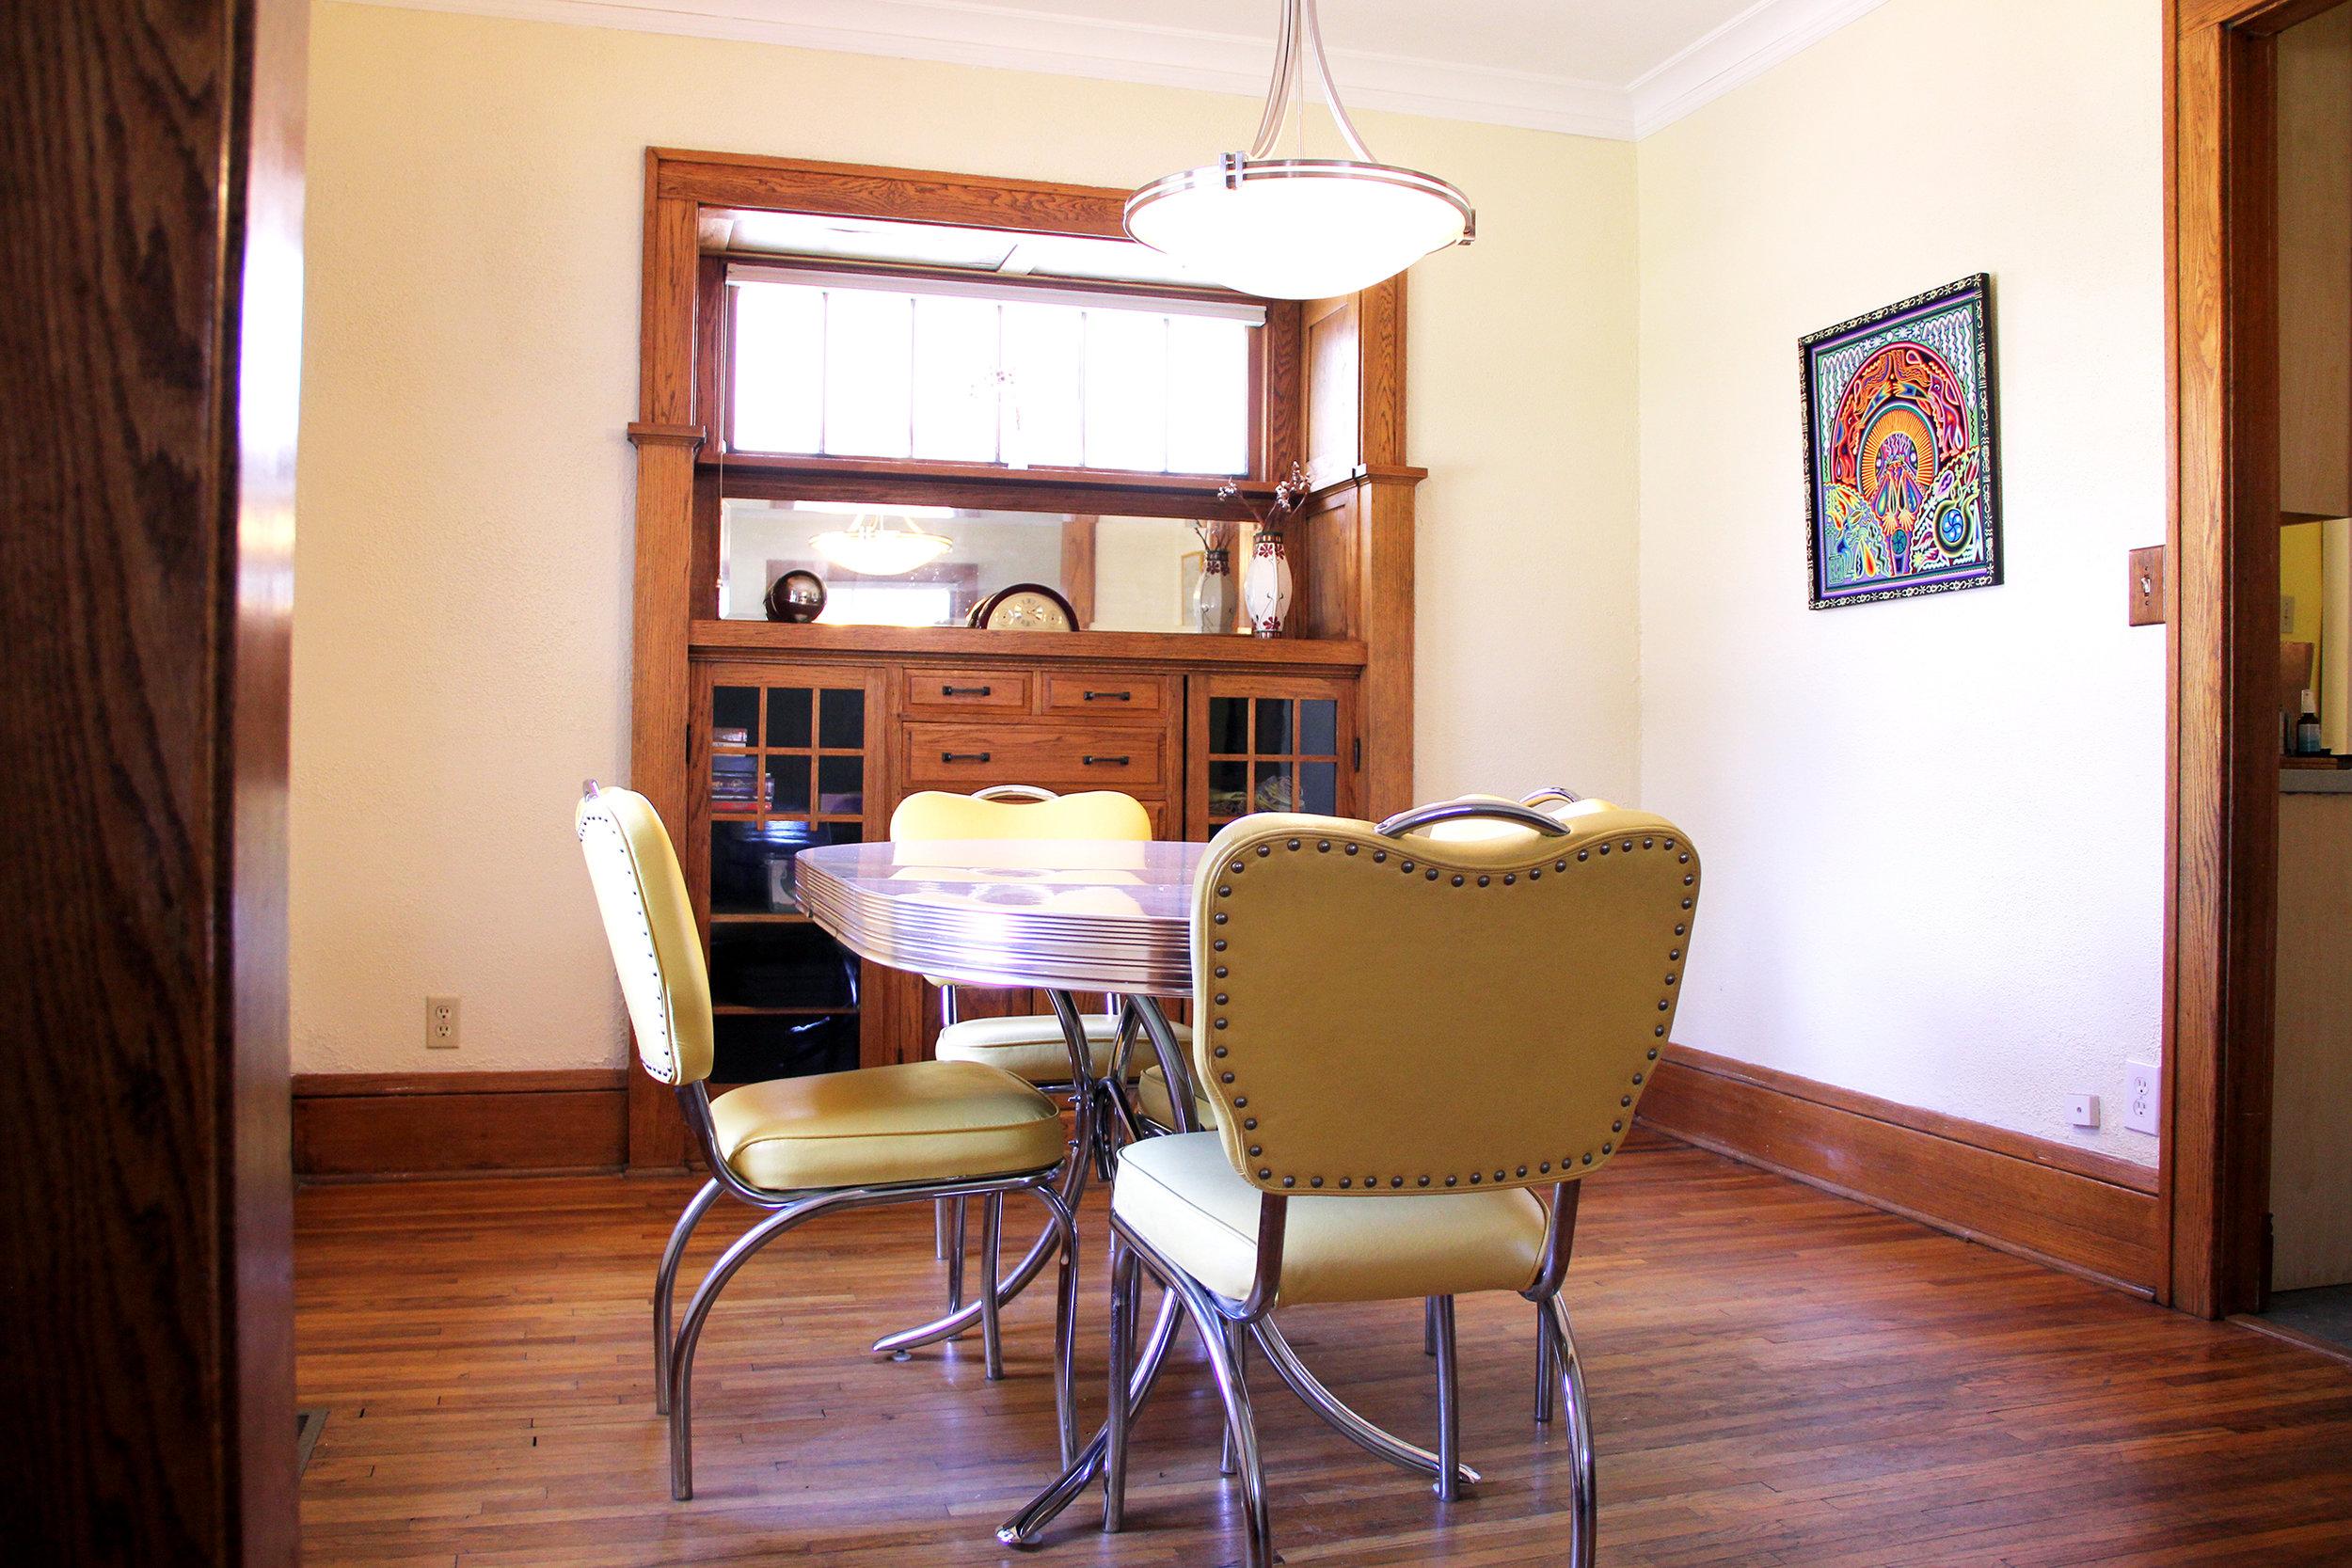 dining-room_27740782035_o.jpg